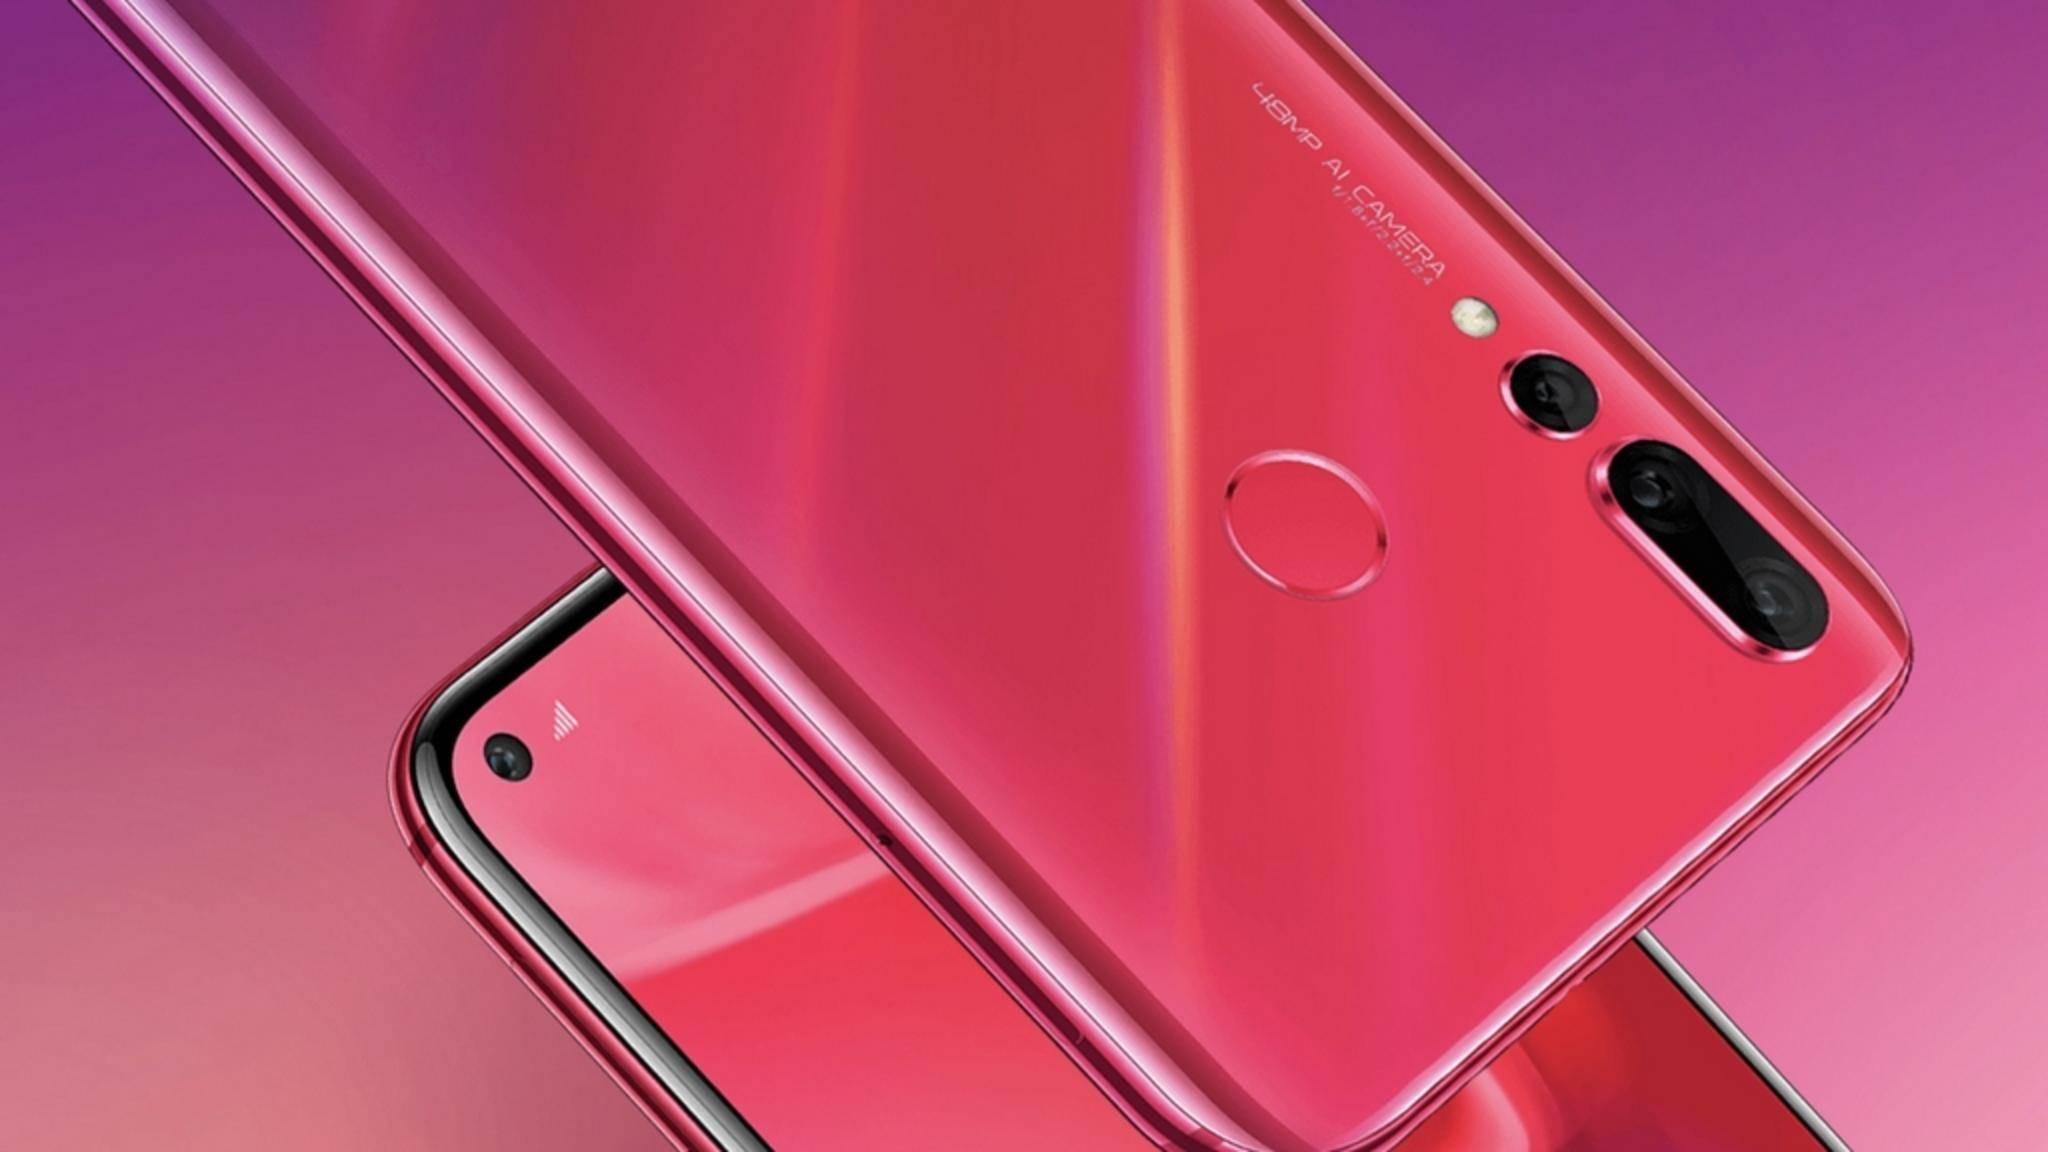 Das Huawei Nova 4 könnte einen neuen Design-Trend für Smartphones lostreten.